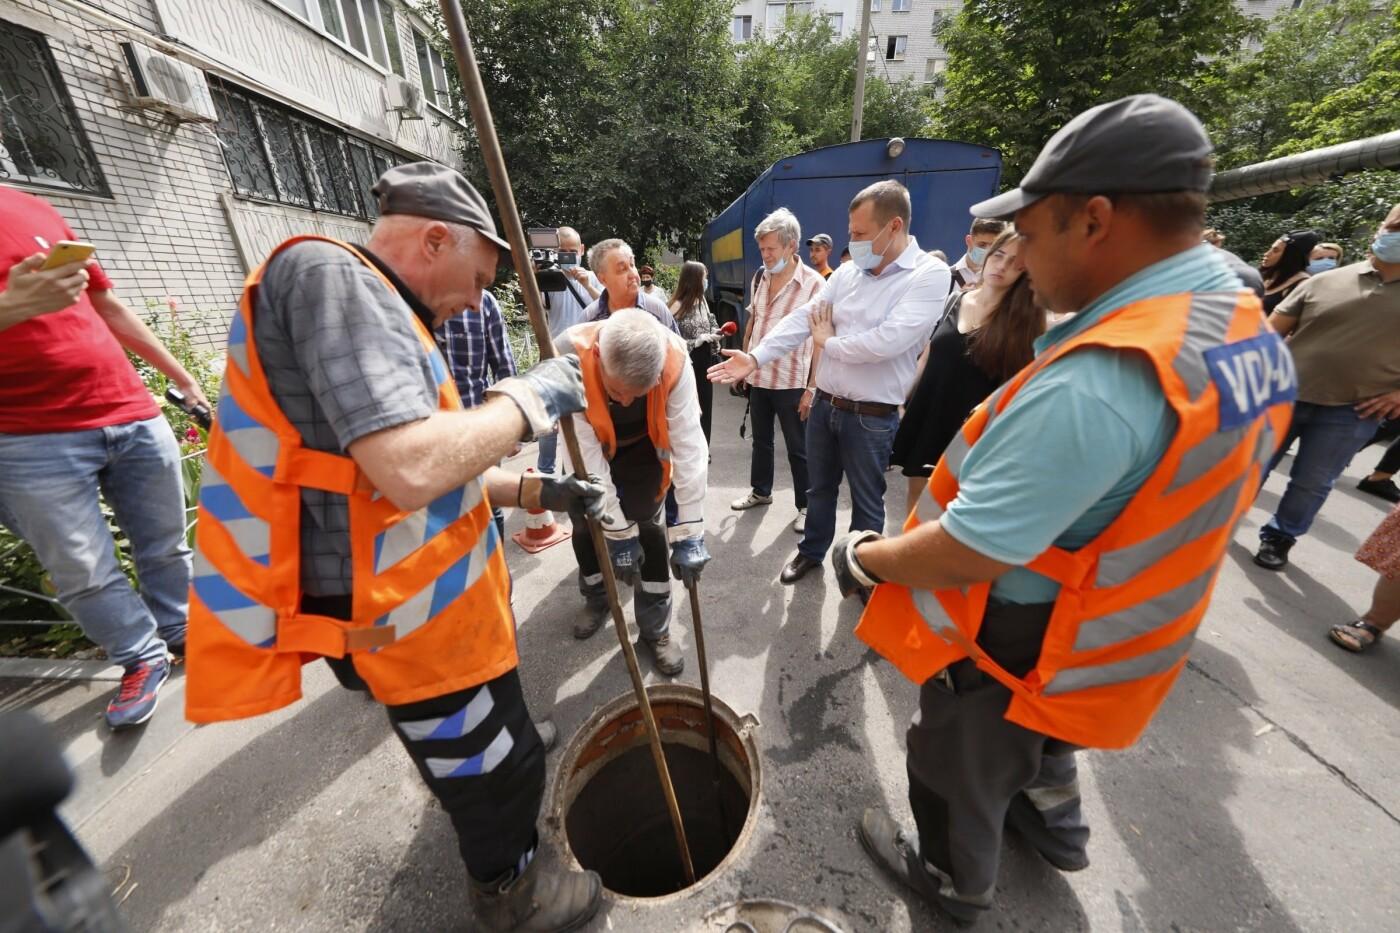 Борис Филатов: Контакт-центры Днепра являются передовой борьбой с коммунальными проблемами, фото-5